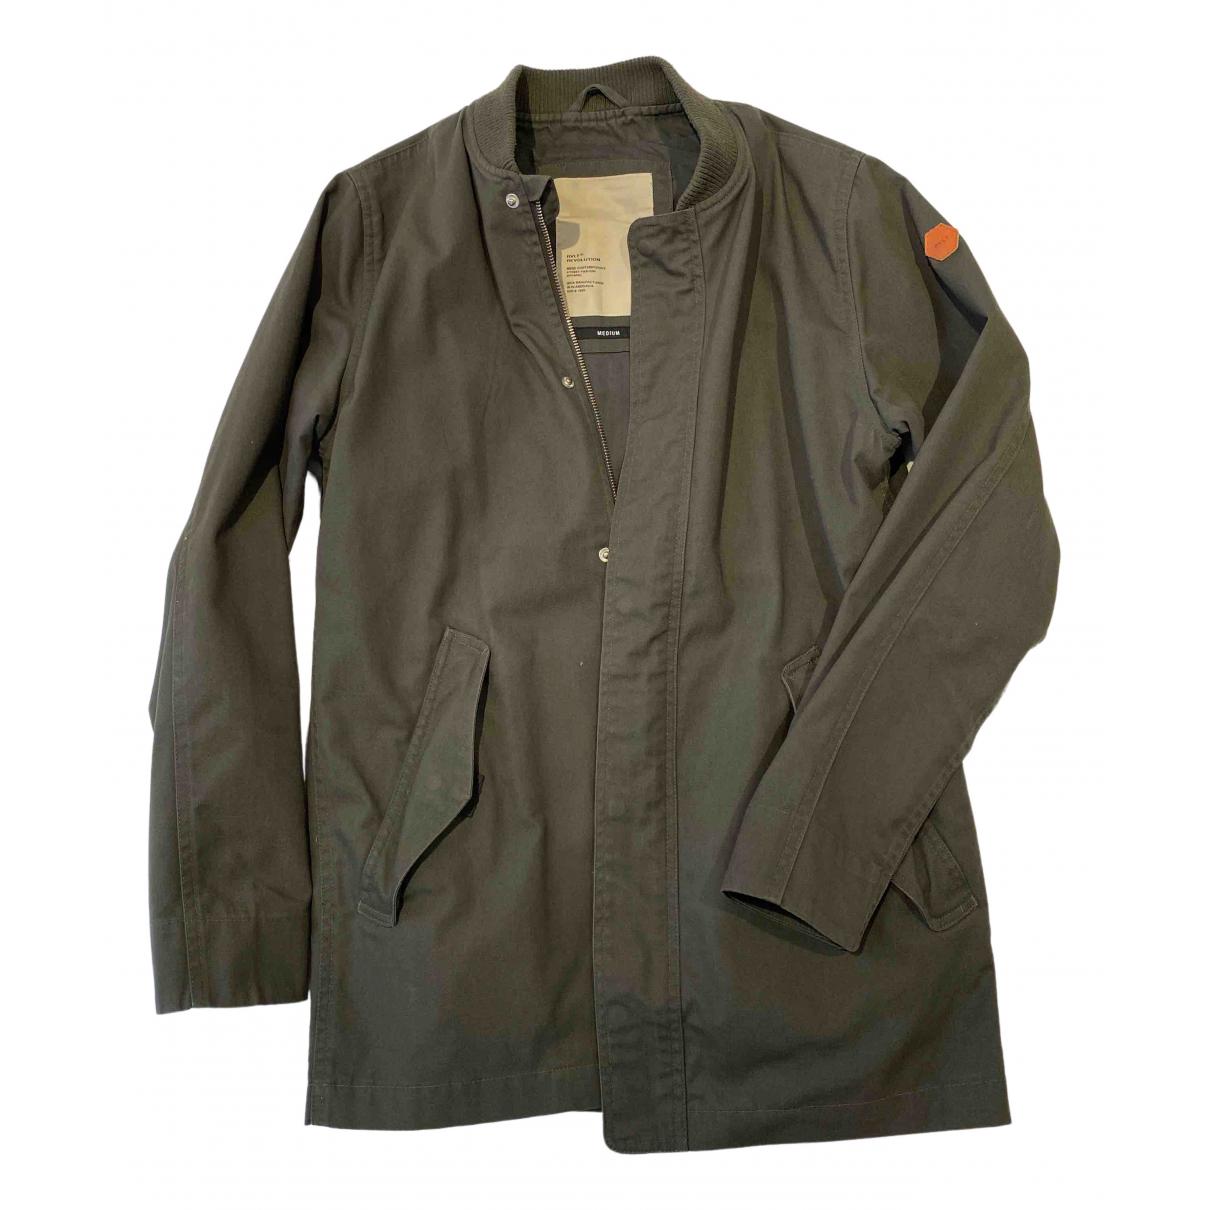 Rvlt \N Green jacket  for Men M International